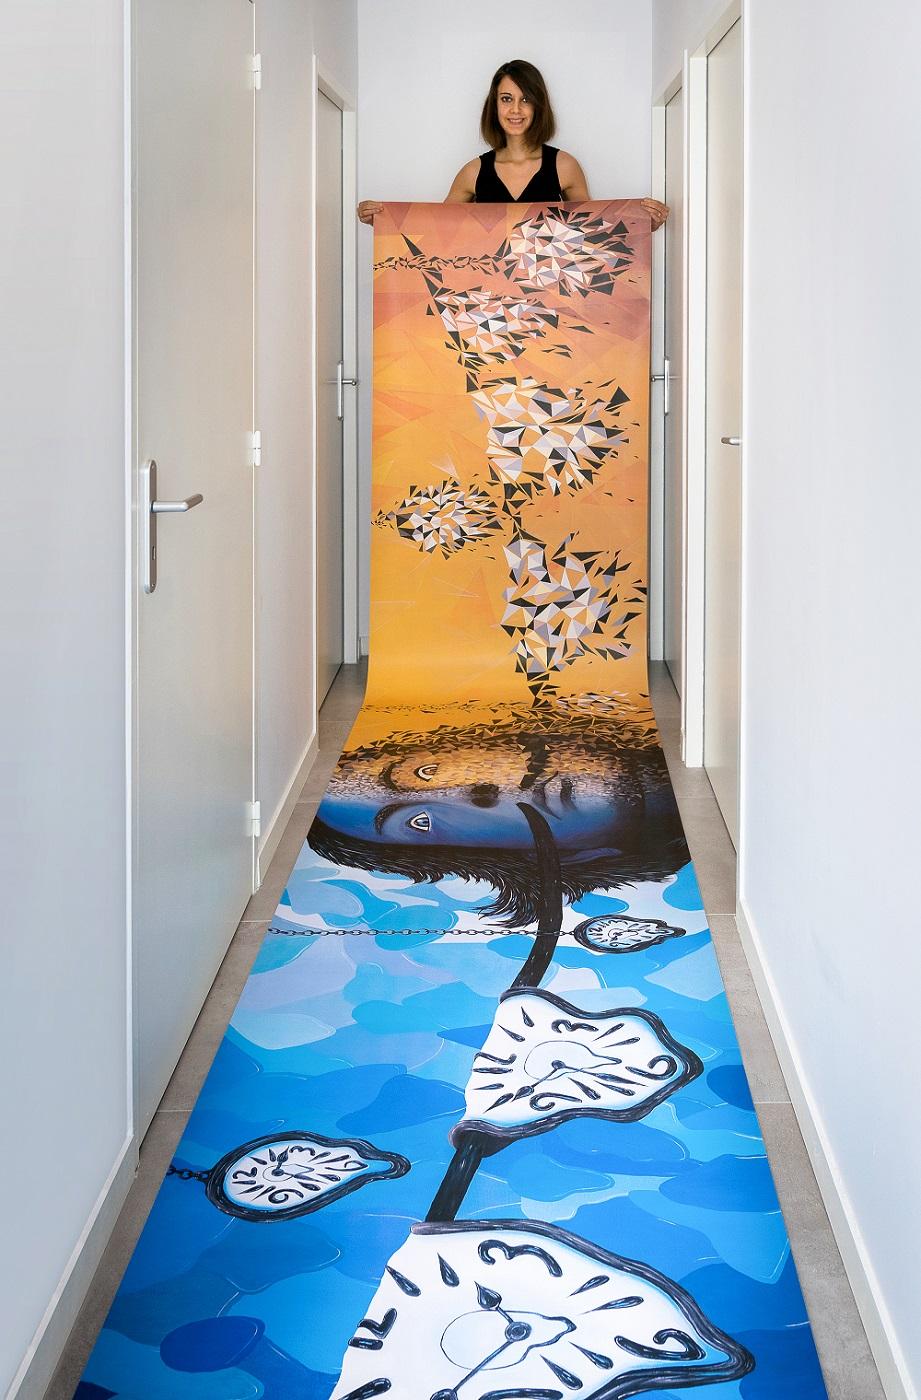 Le Dali de Sabrina Beretta est visible à l'exposition Balustr'Art de Courchevel